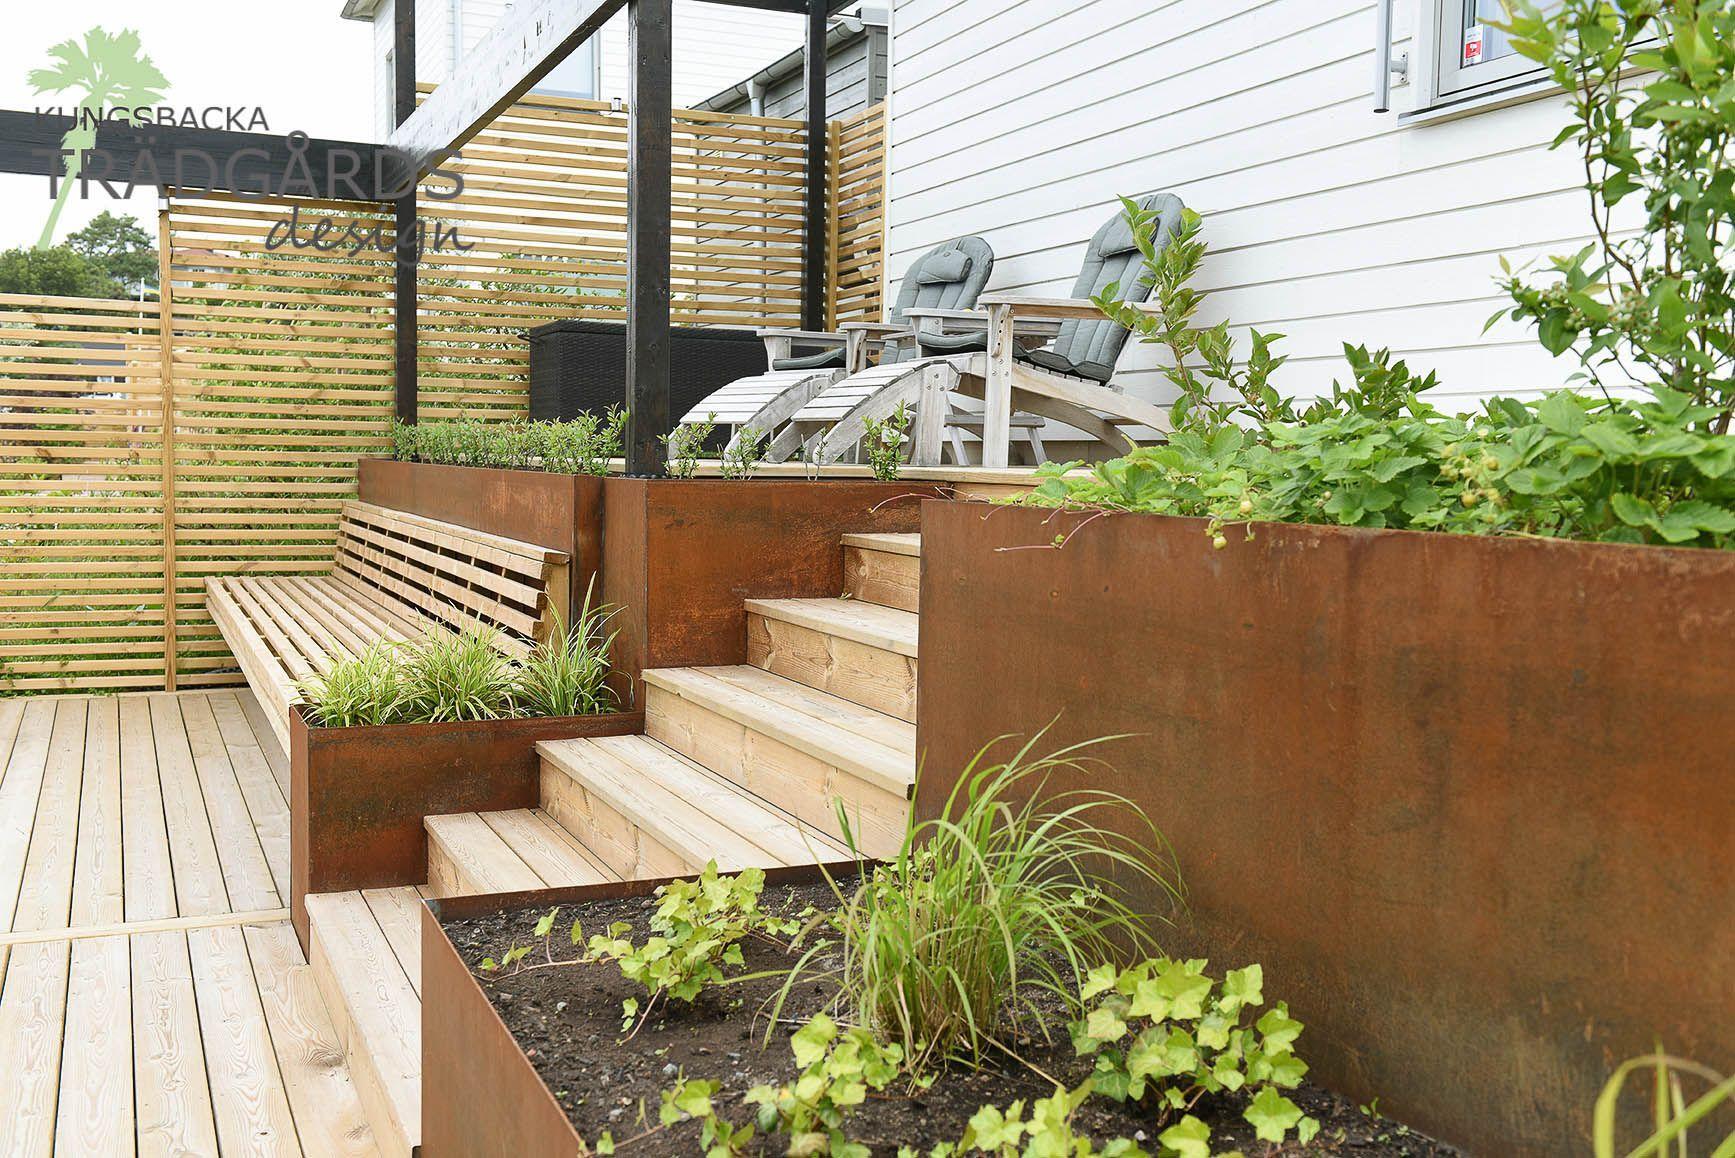 Tradgardsdesign In 2020 Abschussiger Garten Garten Terrasse Haus Und Garten